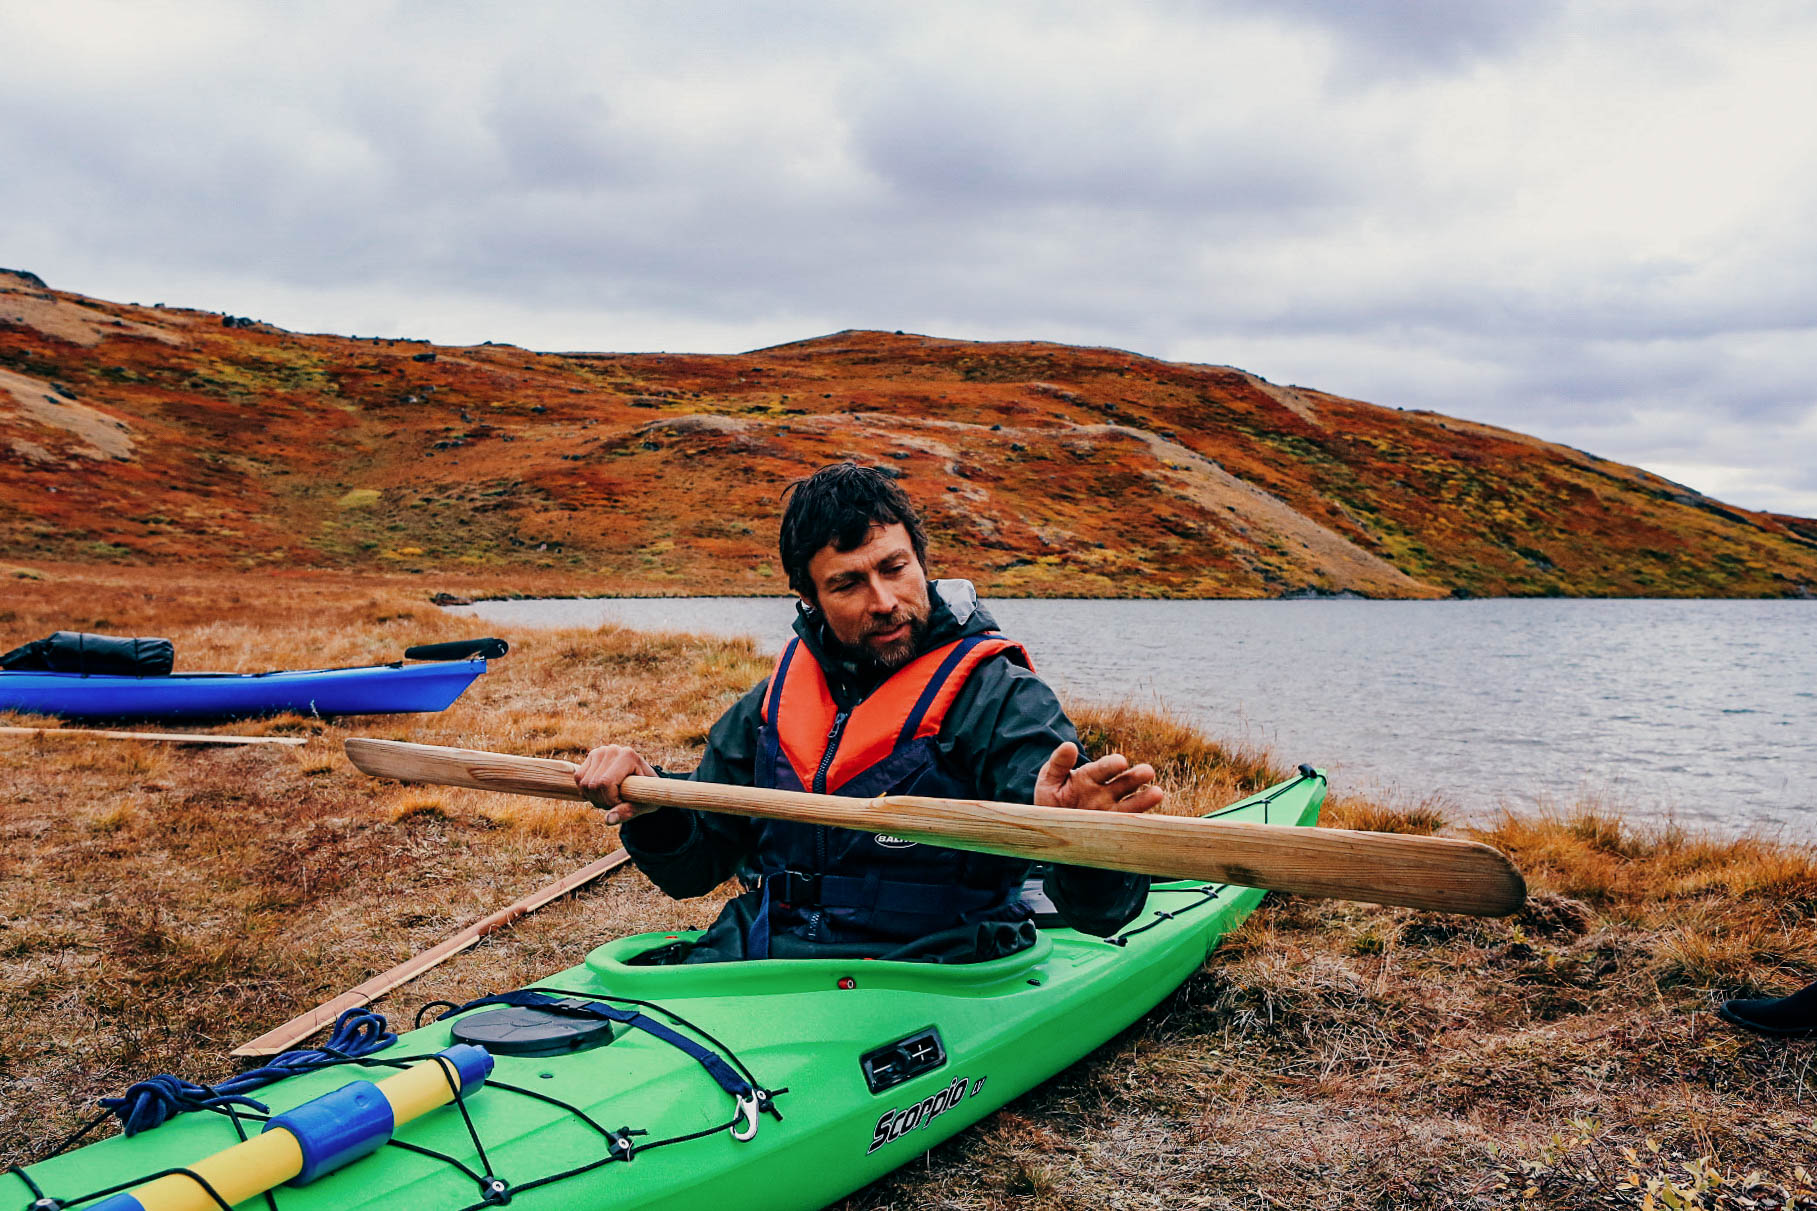 Groenland-Trekking-Hanwag-2987